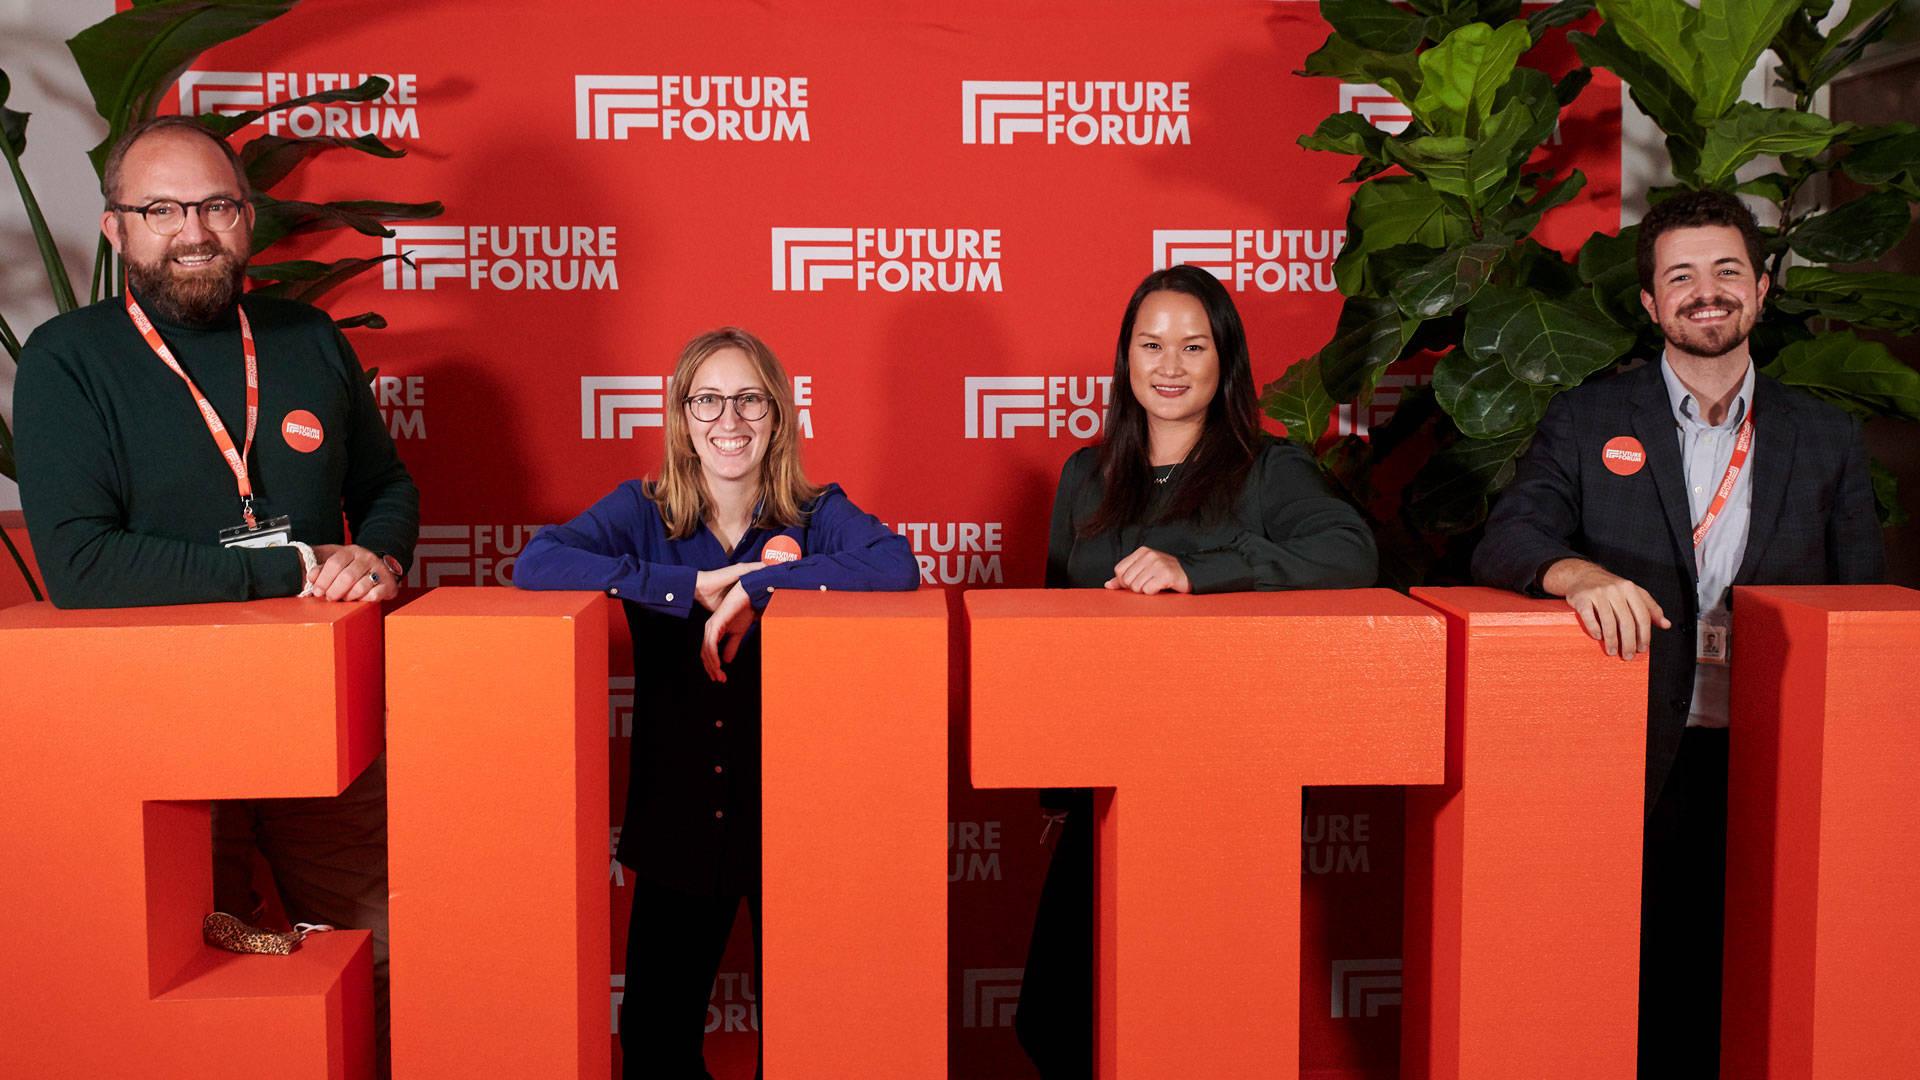 Programmkoordinator Fenner (l.) und das Team hinter dem FUTURE FORUM 2020